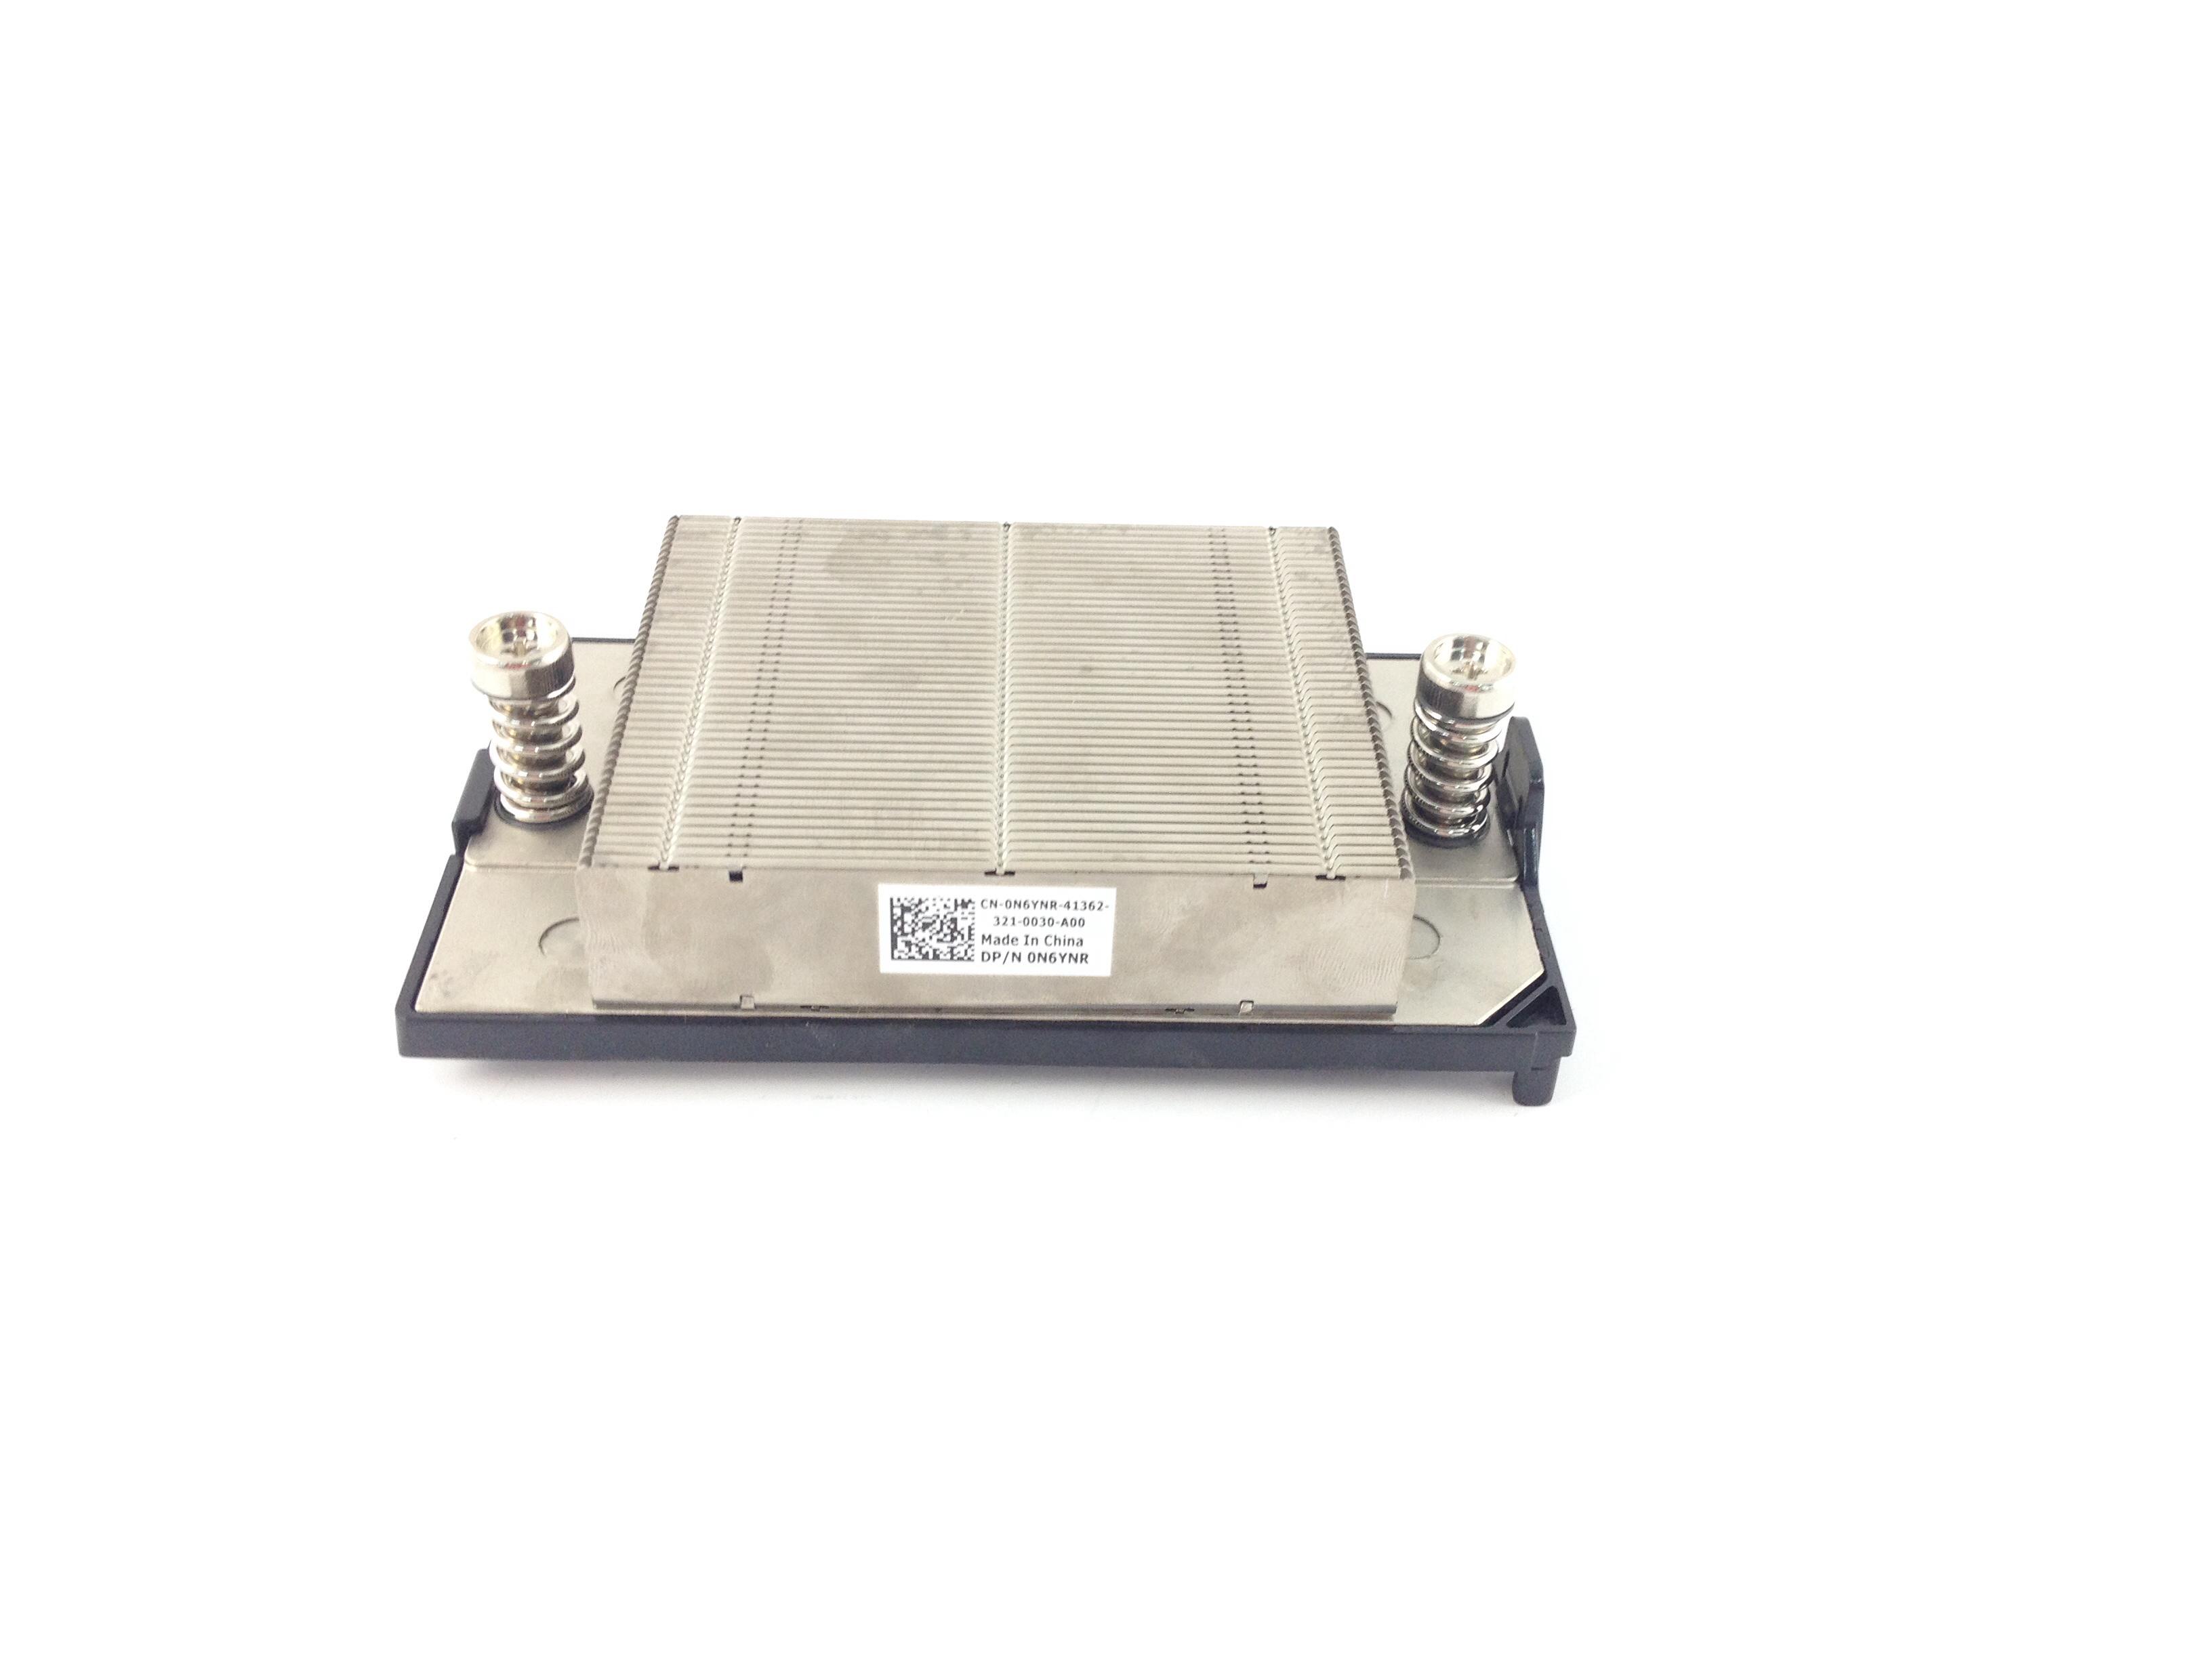 Dell PowerEdge R620 CPU Heatsink (N6YNR)